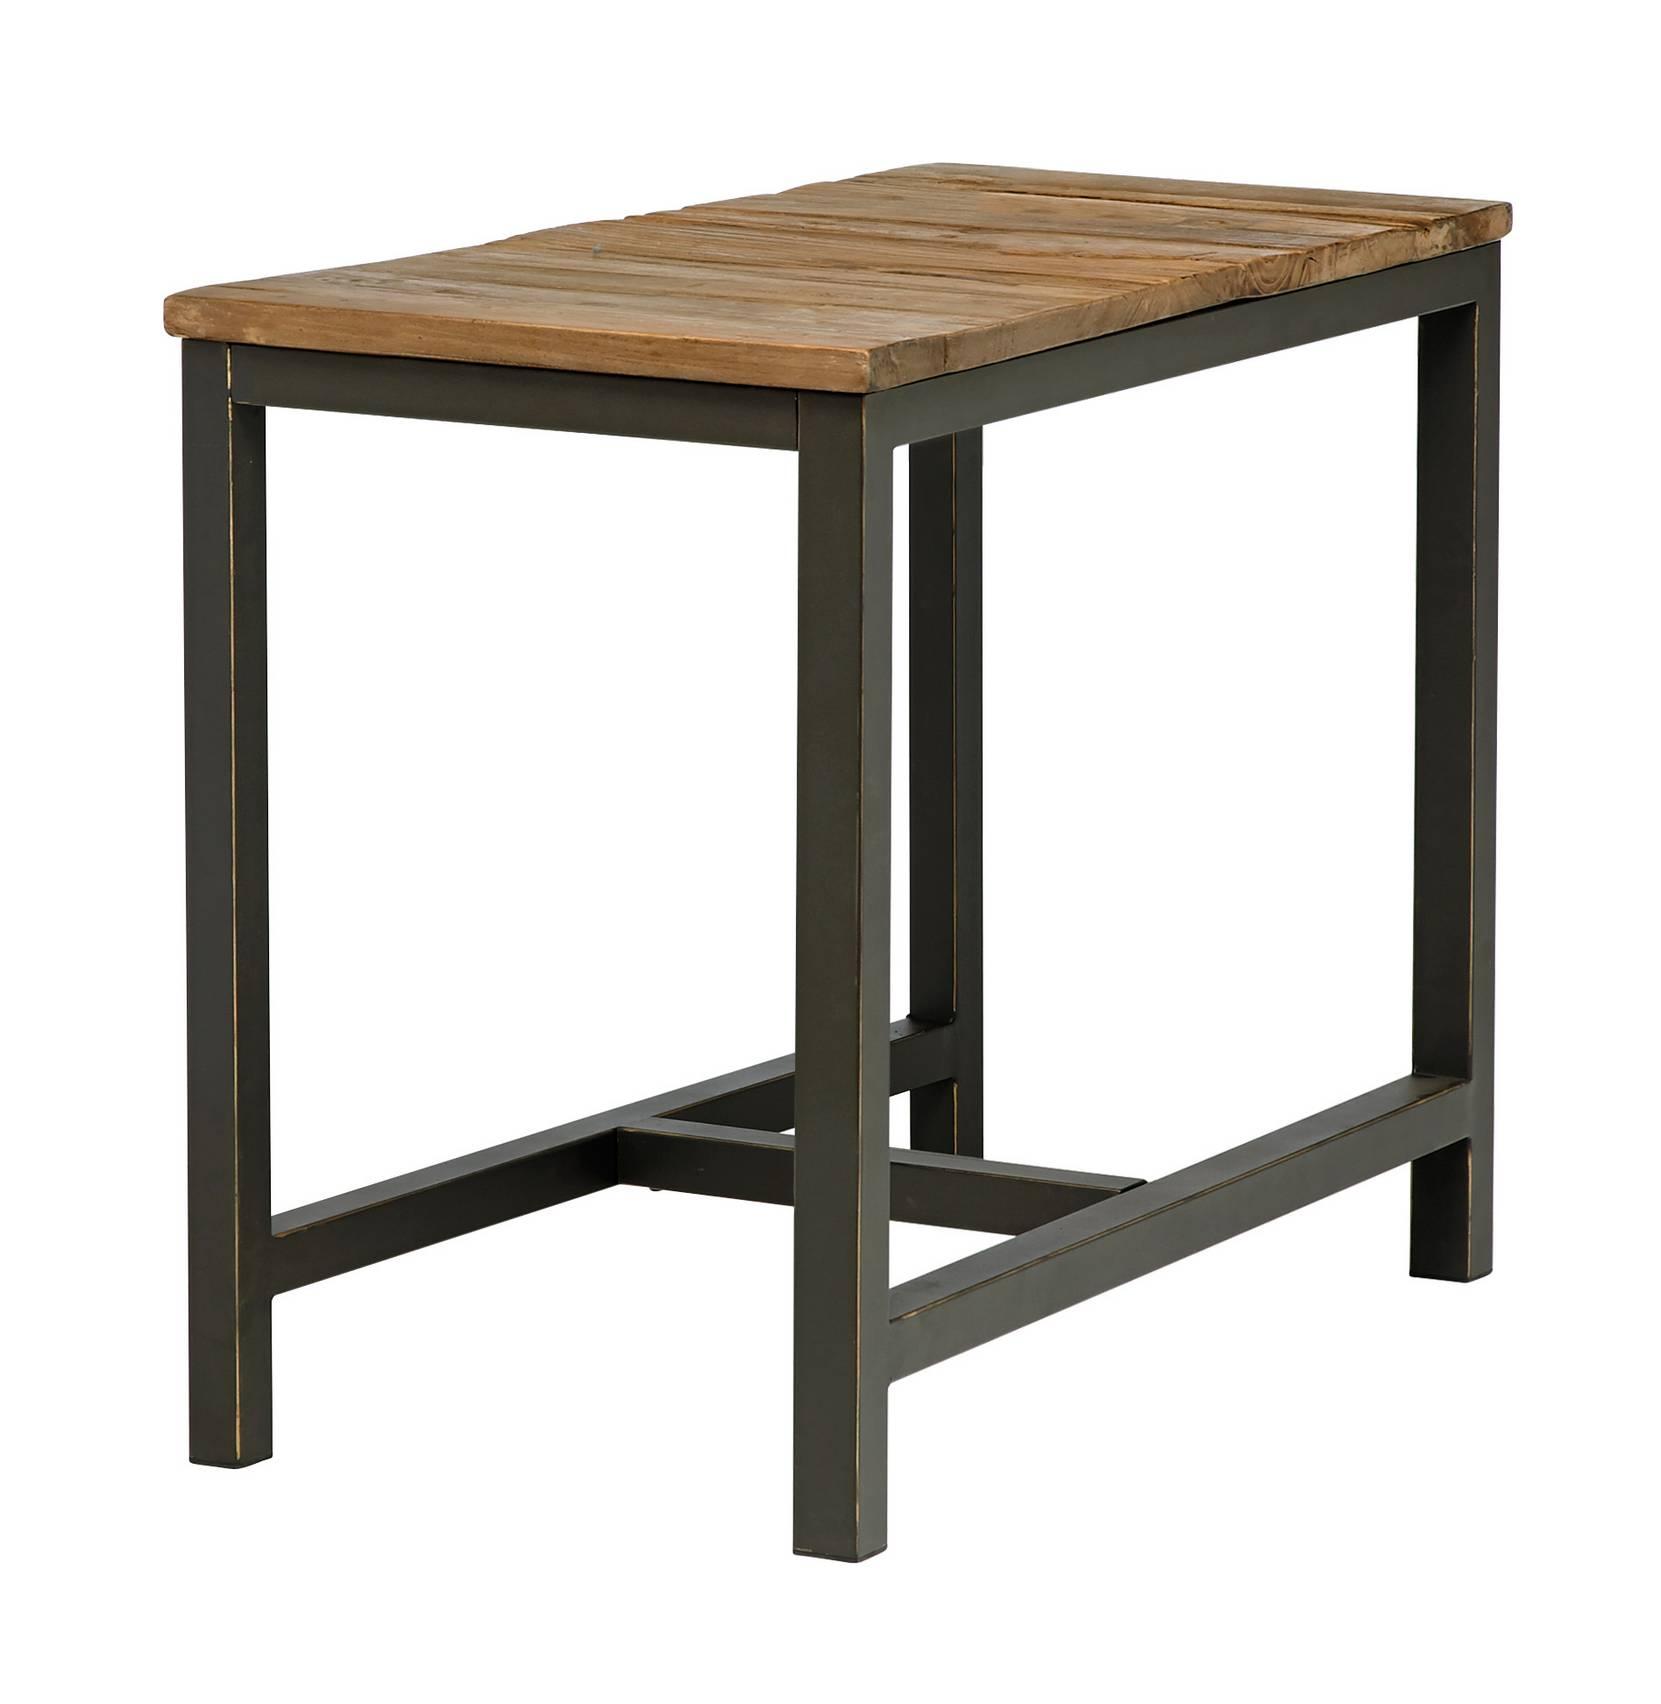 Apupöytä/sivupöytä 90x55 cm